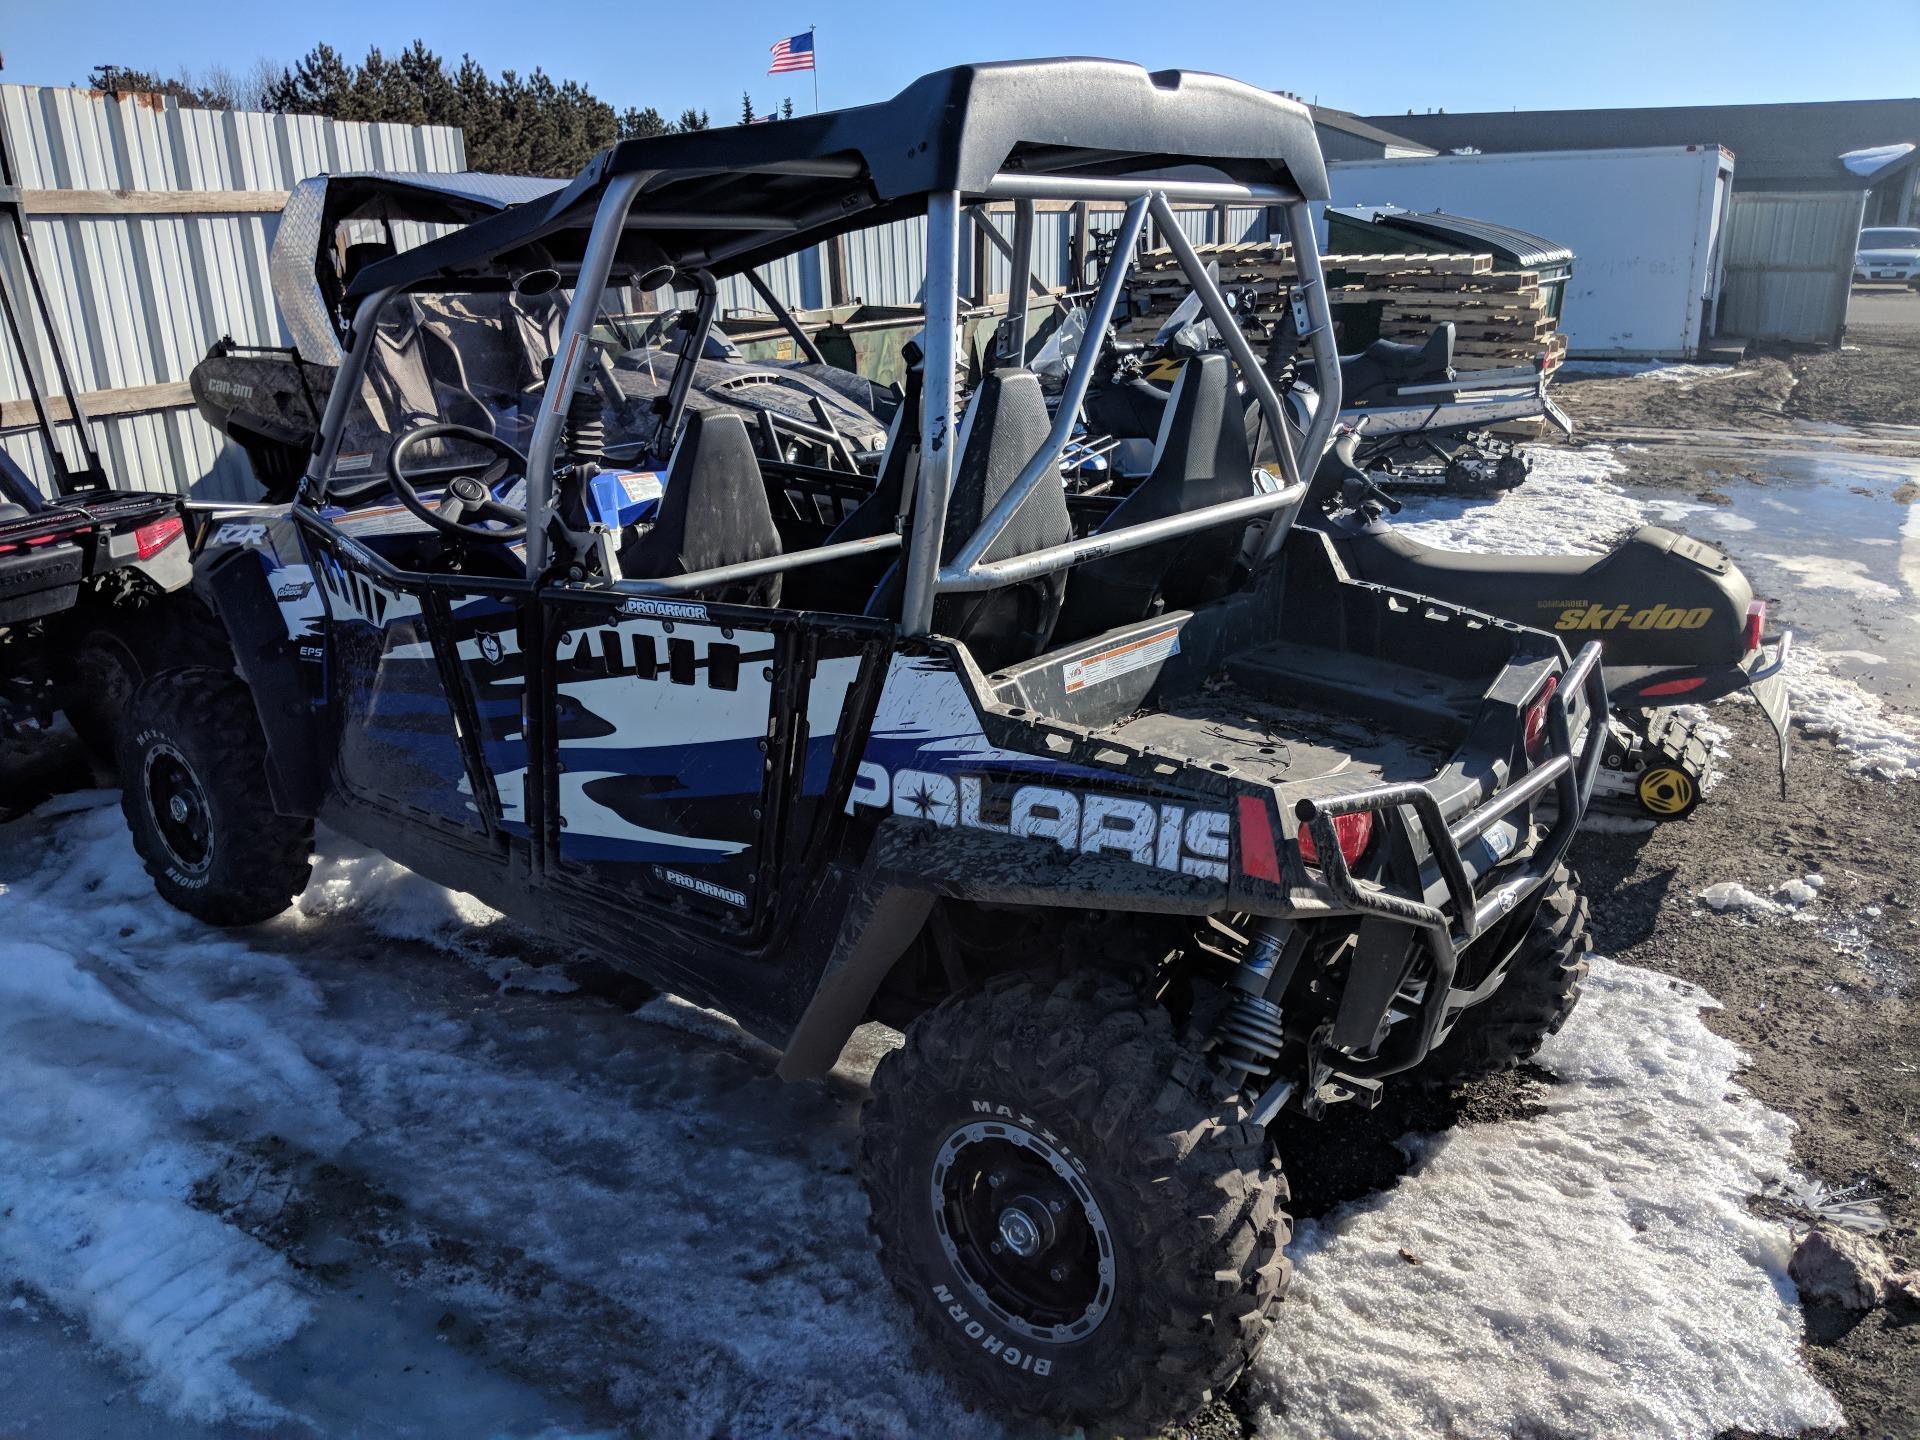 2011 Ranger RZR 4 800 EPS